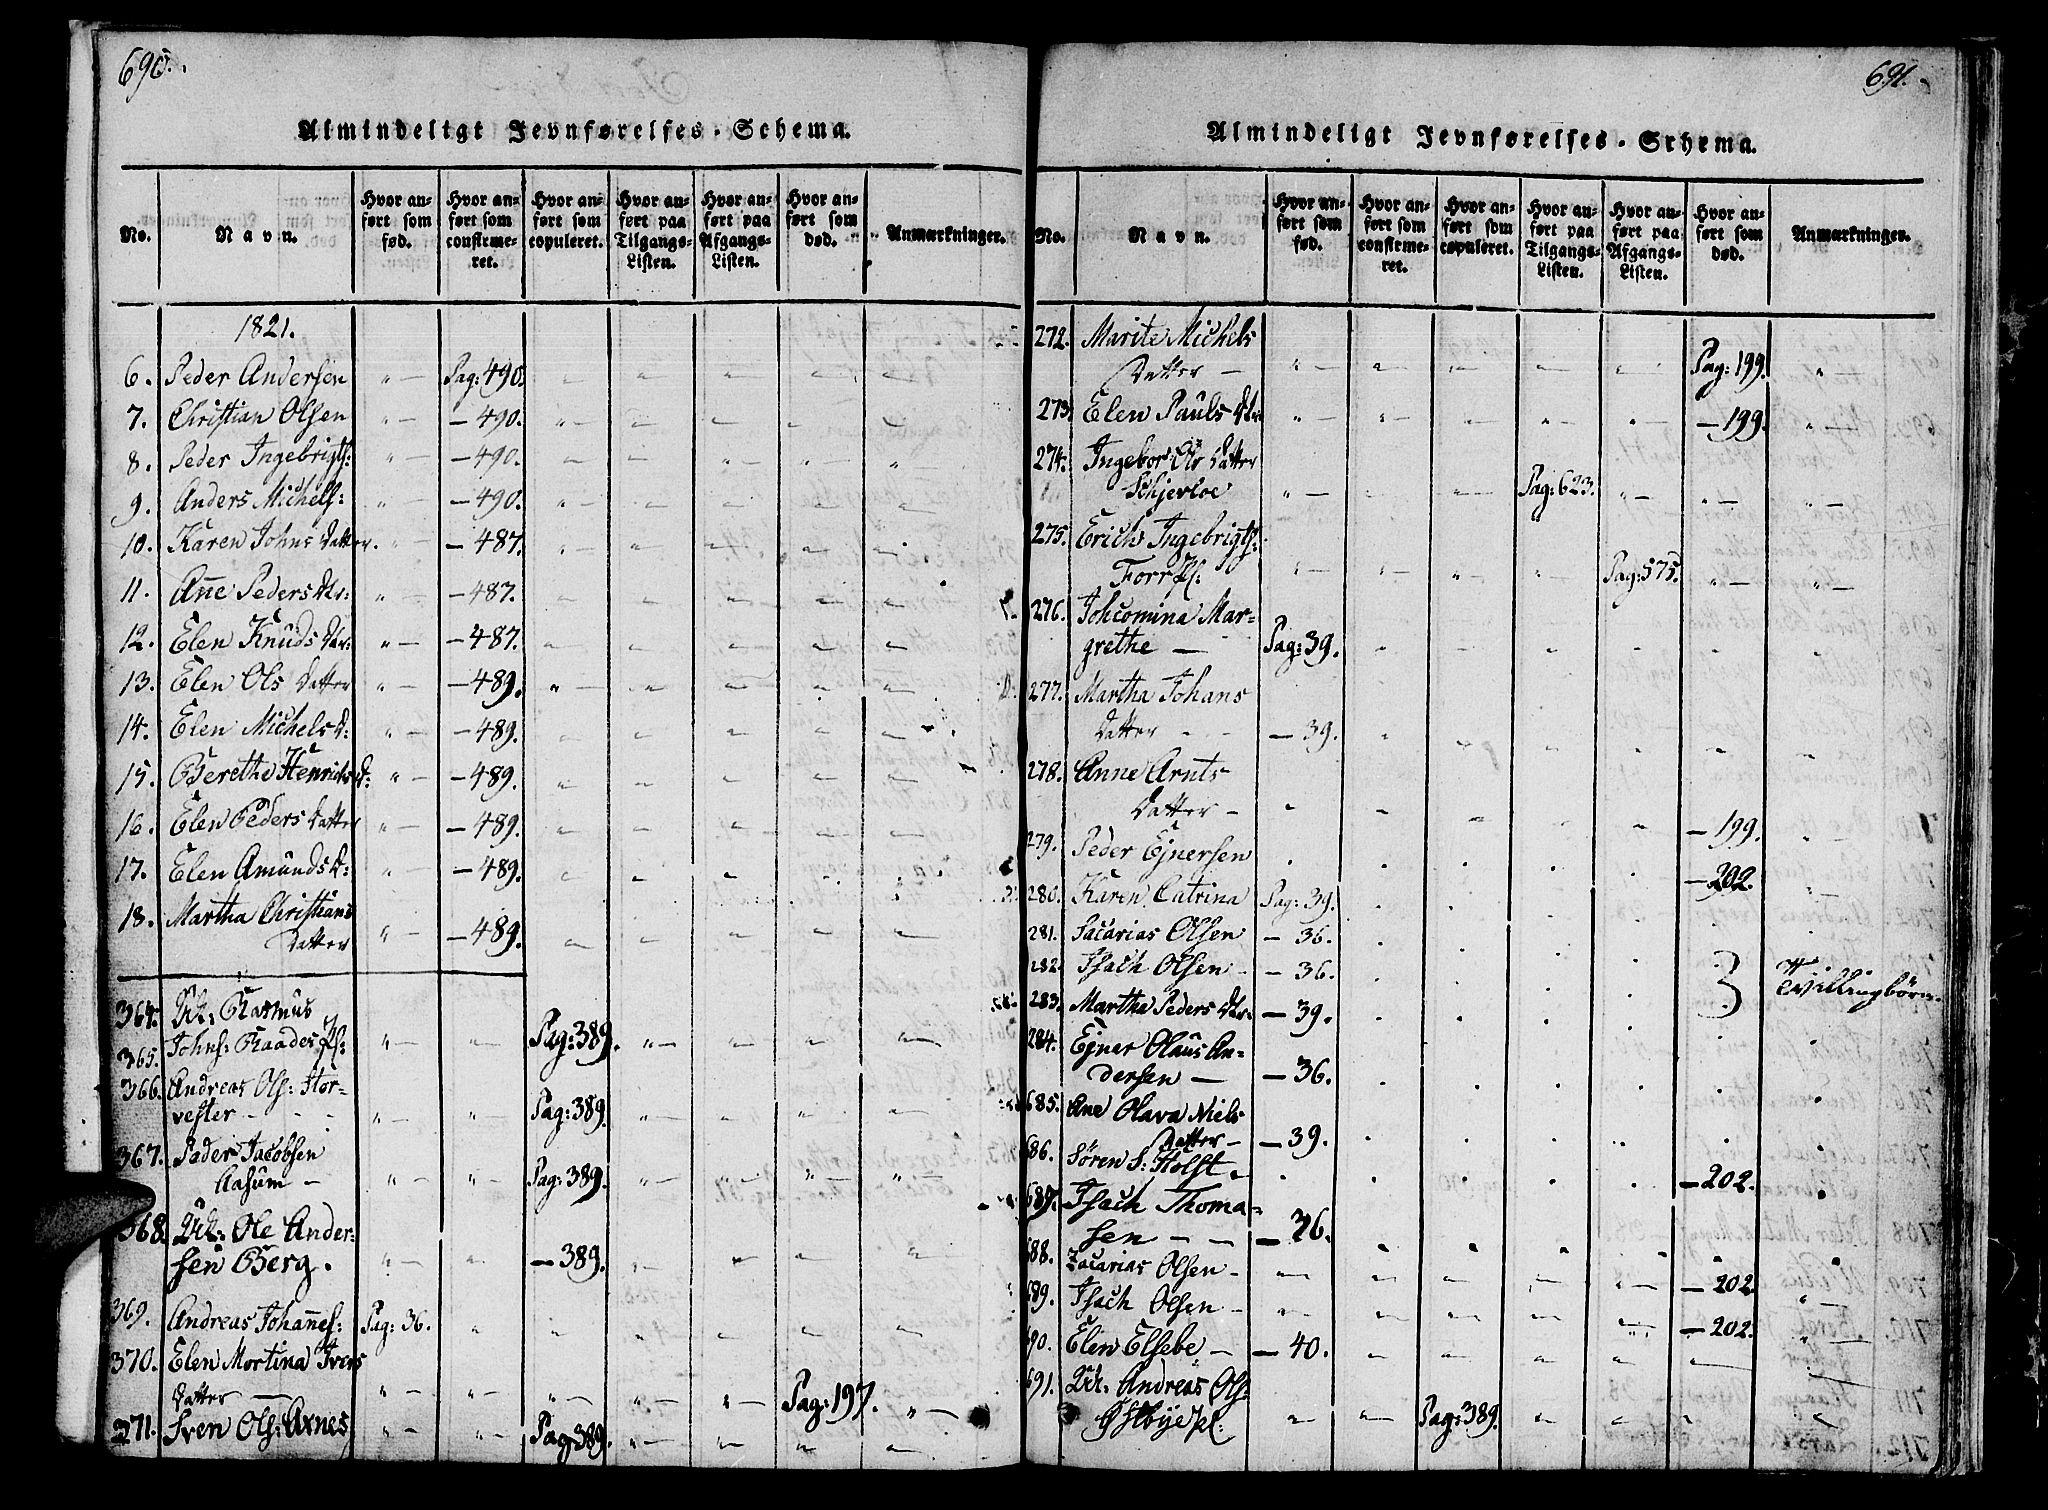 SAT, Ministerialprotokoller, klokkerbøker og fødselsregistre - Nord-Trøndelag, 746/L0441: Ministerialbok nr. 746A03 /1, 1816-1827, s. 690-691